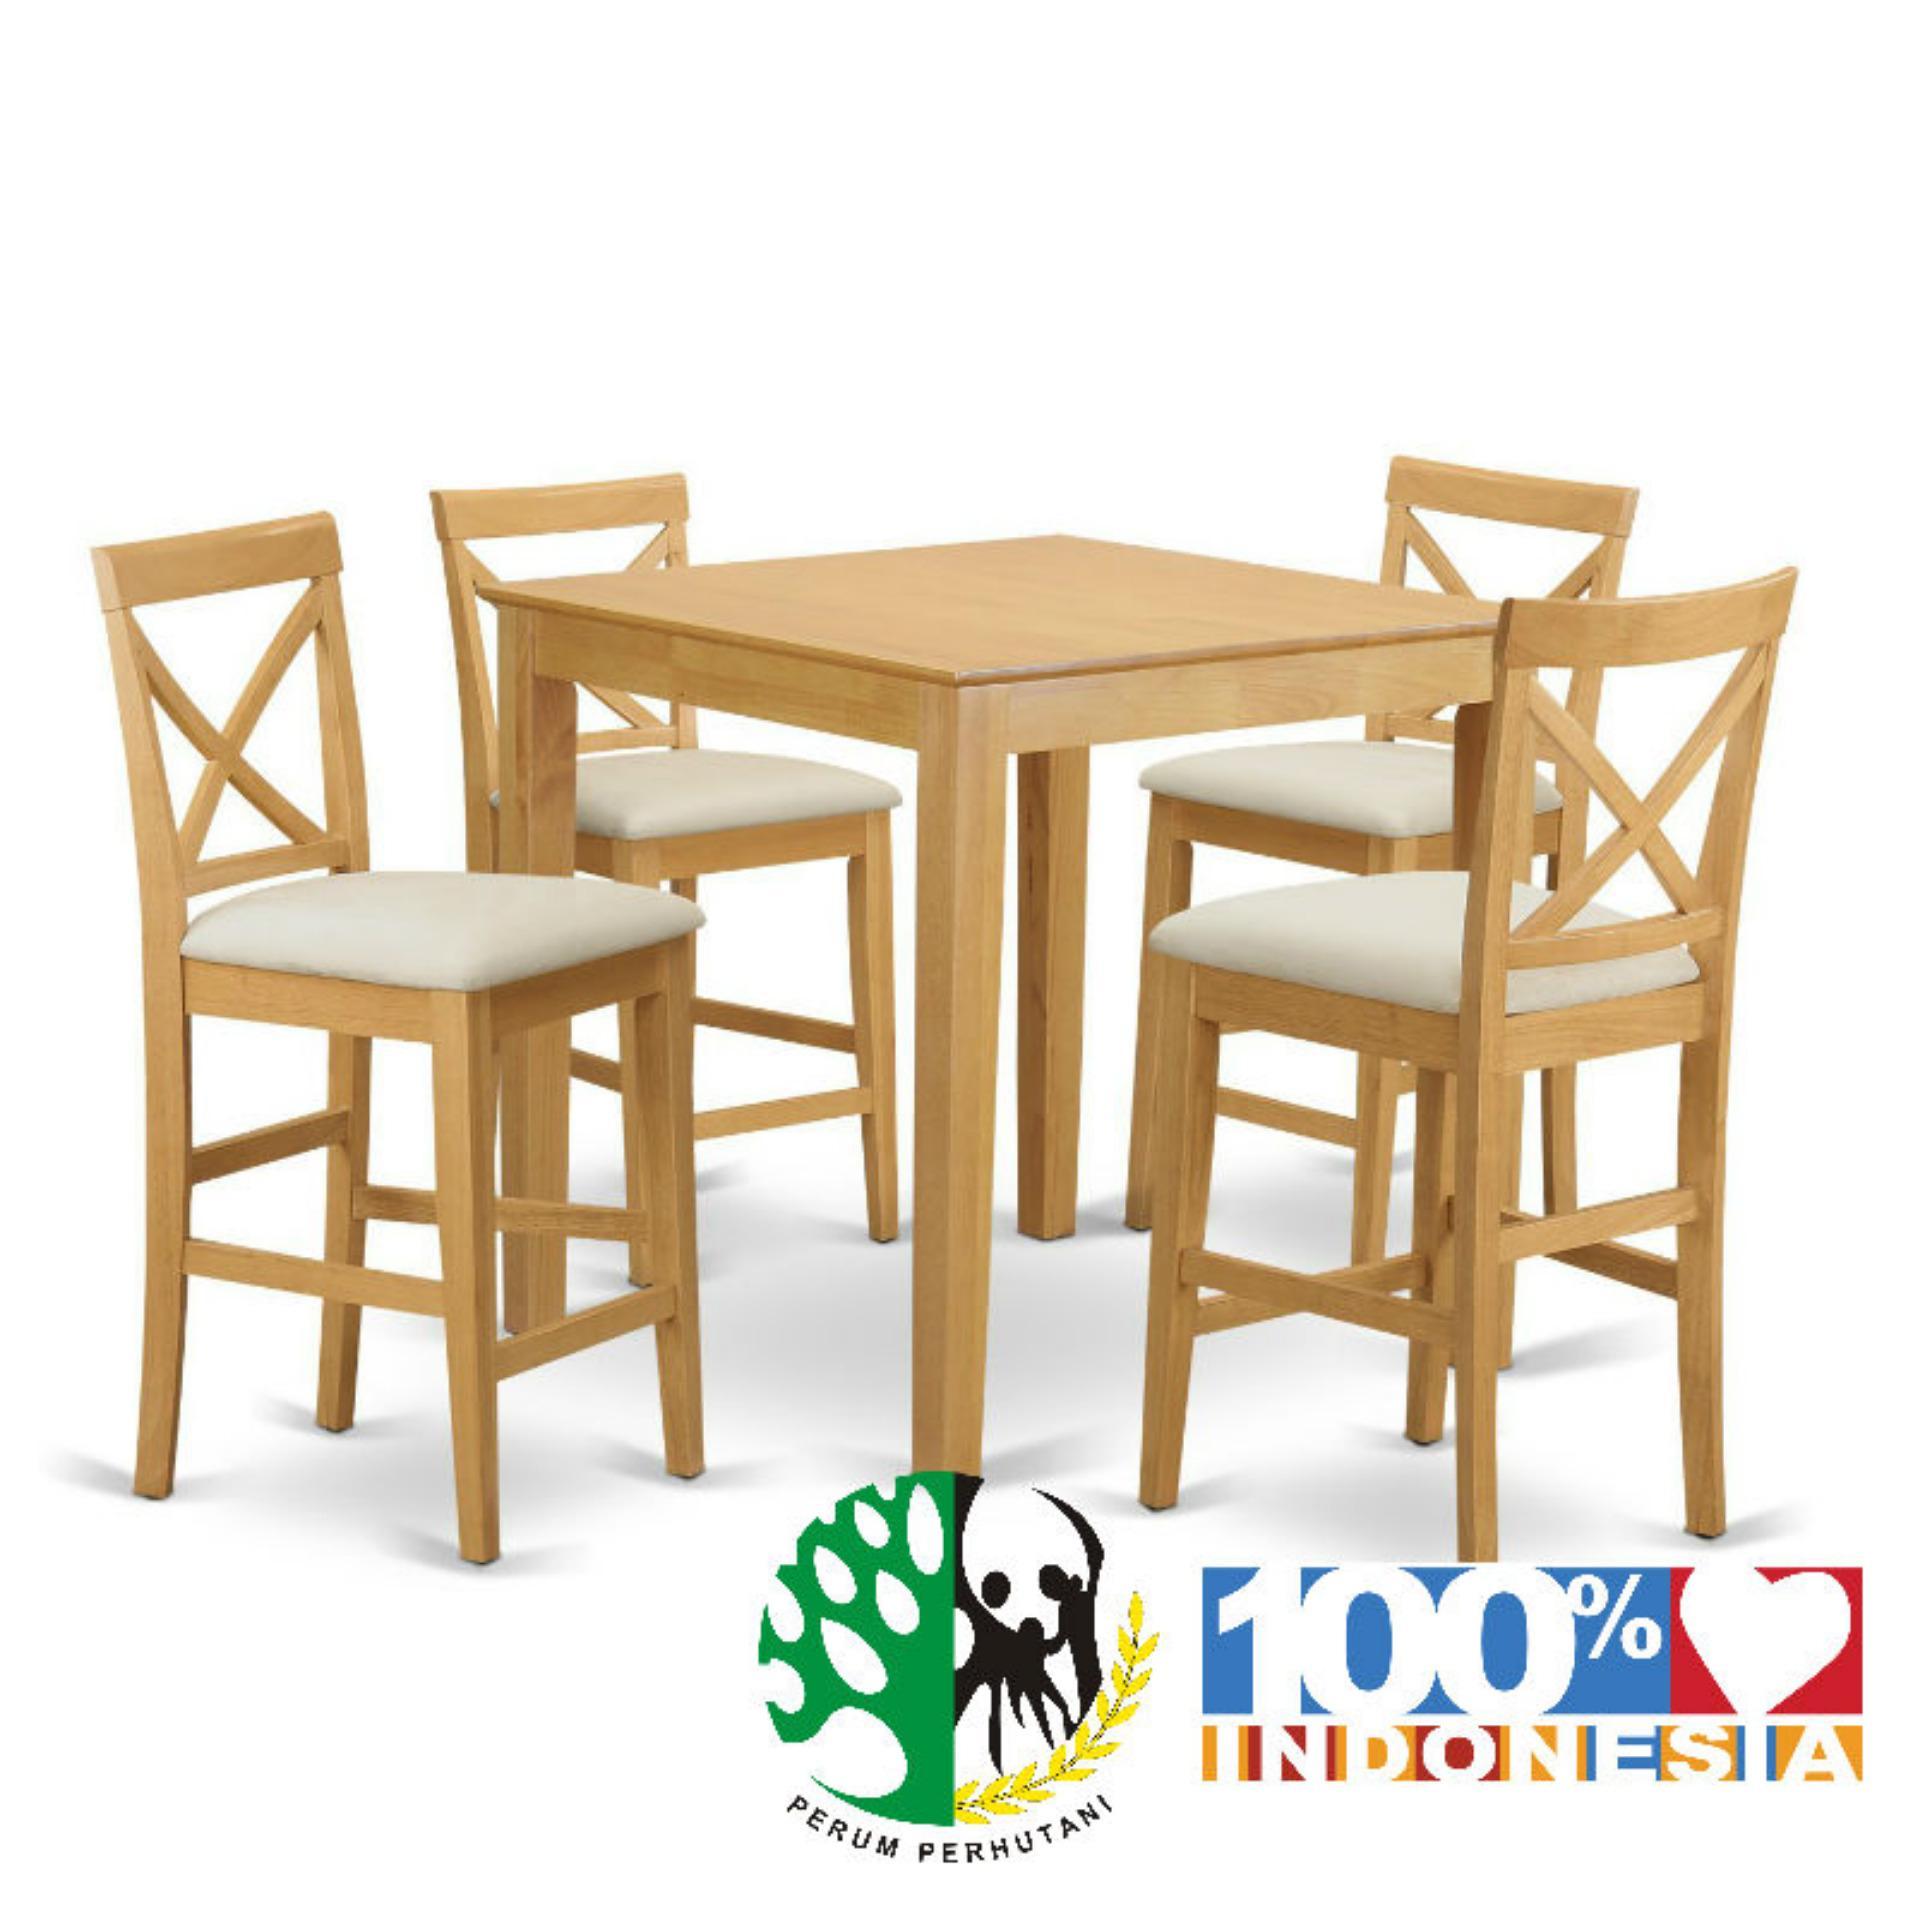 Meja Bar CAFE JATI 4 Kursi Natural Furniture